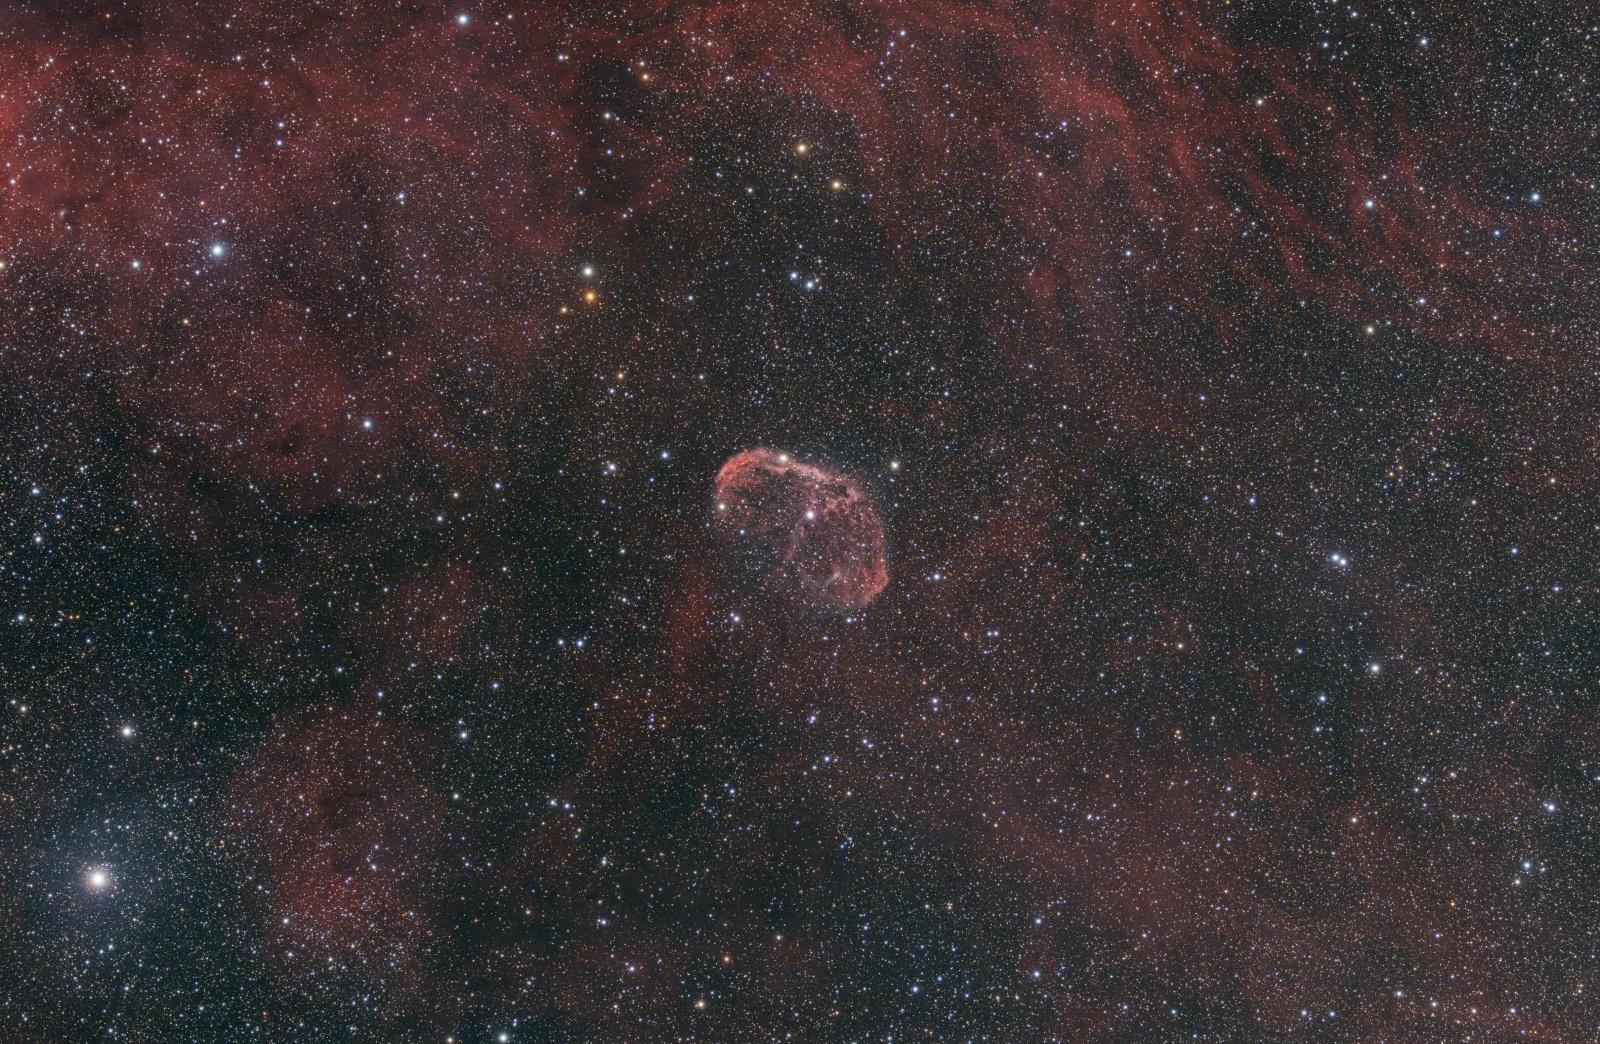 NGC6888_7a.thumb.jpg.c5ae356b7df997ac5fa936647150b0e6.jpg